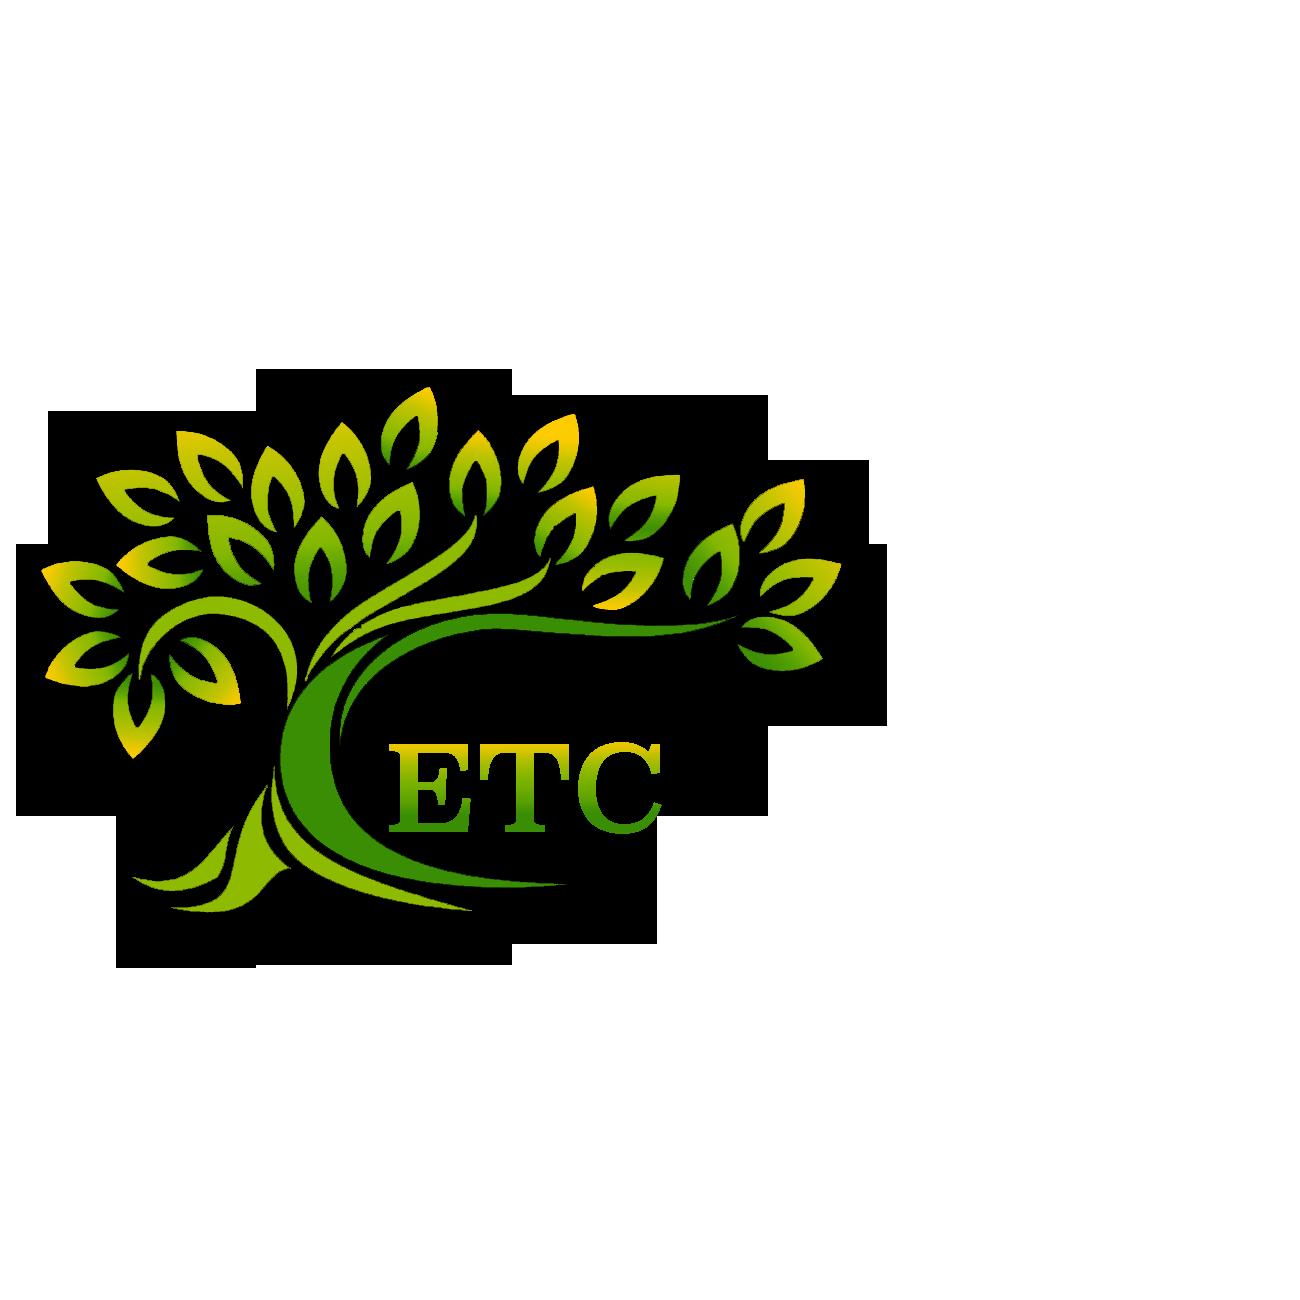 tree-icon-app-background